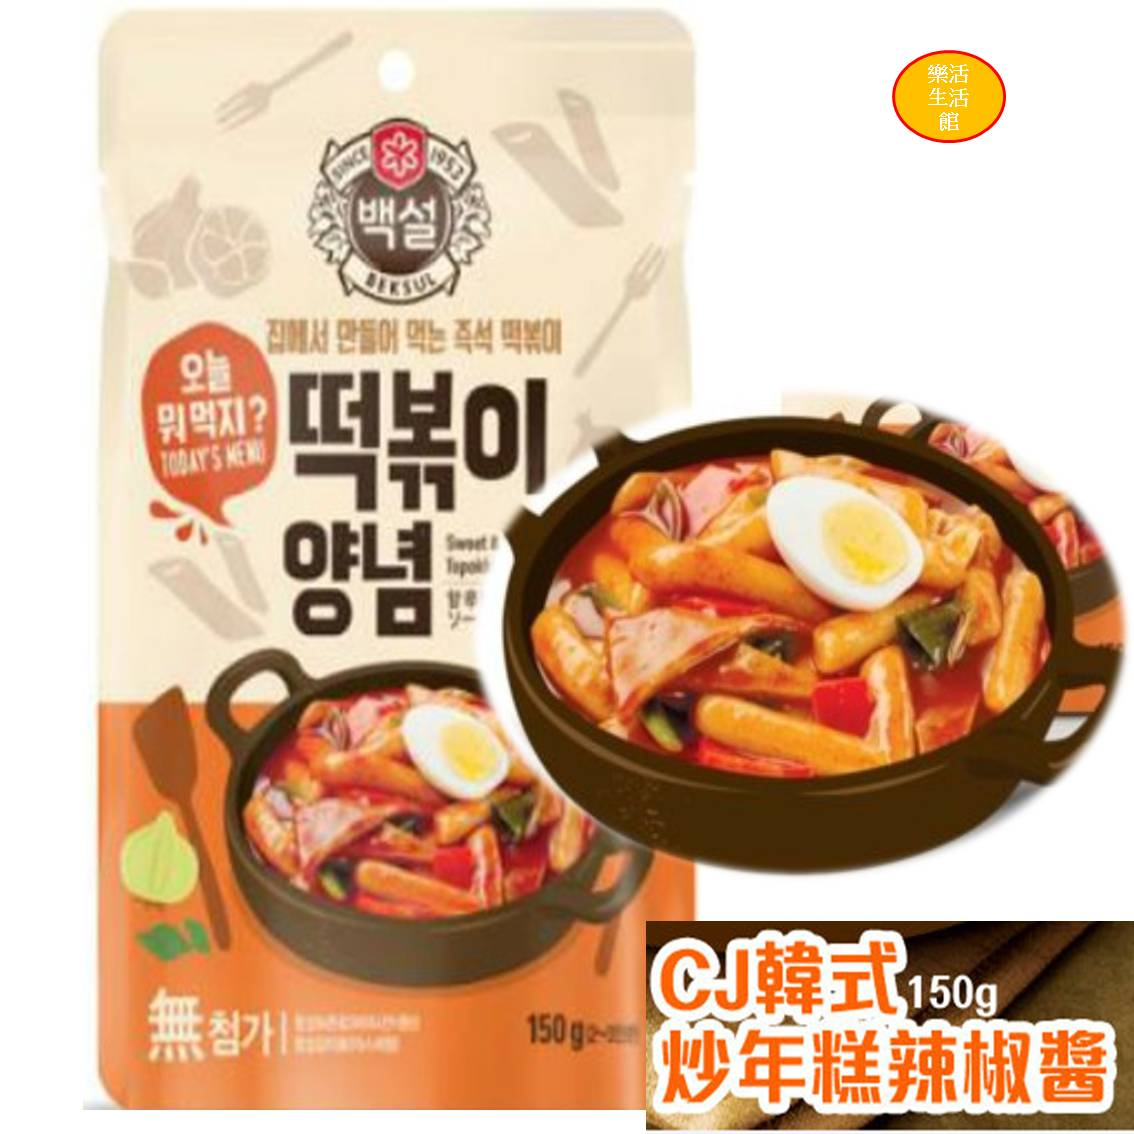 韓國 CJ 韓式炒年糕辣椒醬150g 炒年糕醬 韓國辣椒醬 【樂活生活館】